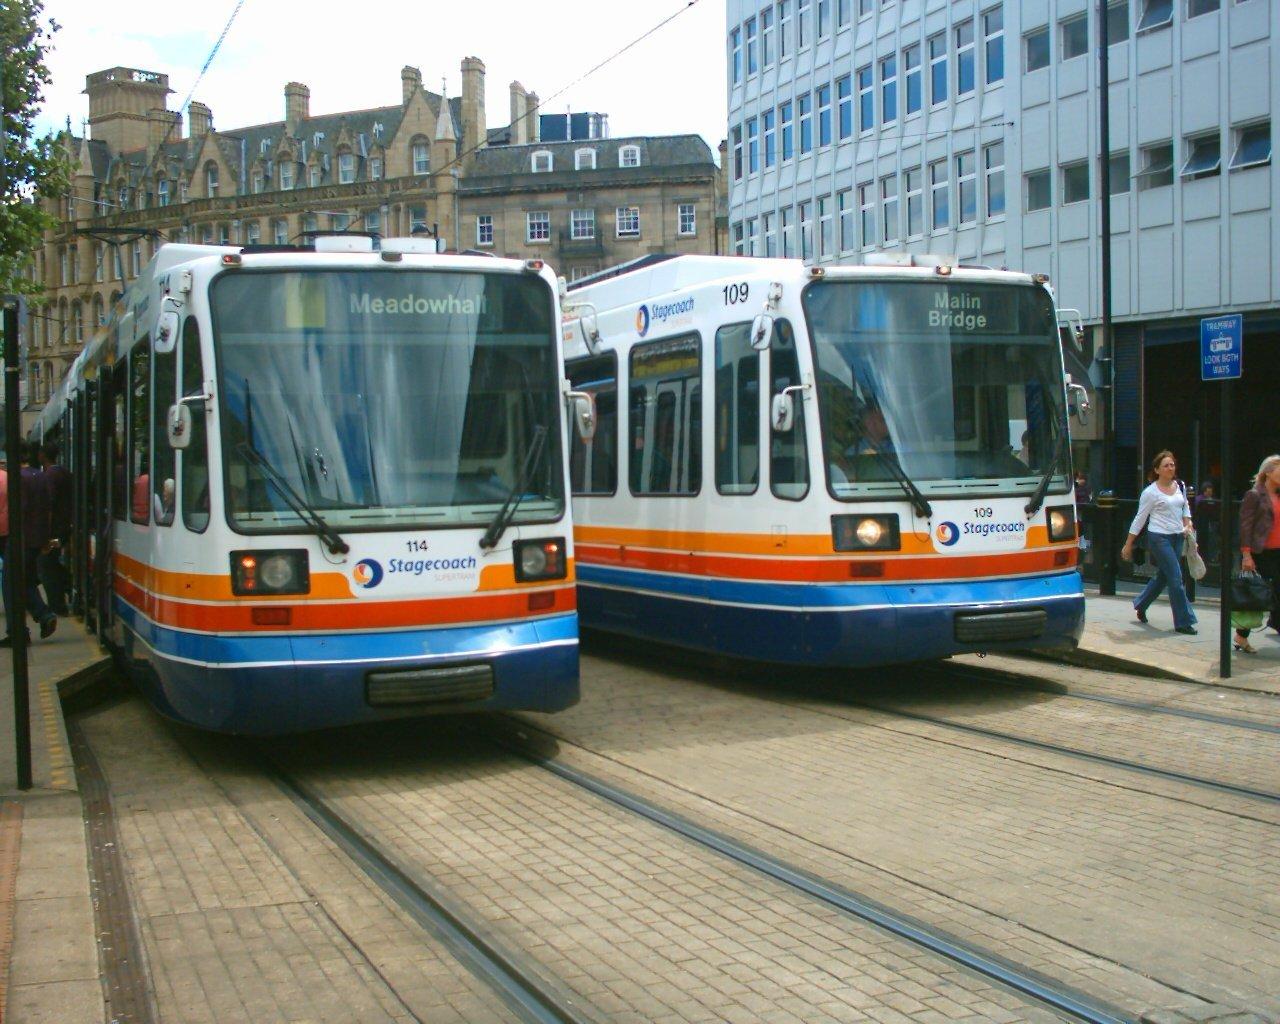 Shefield Supertram 1994 Supertram_Cathedral_02-07-04